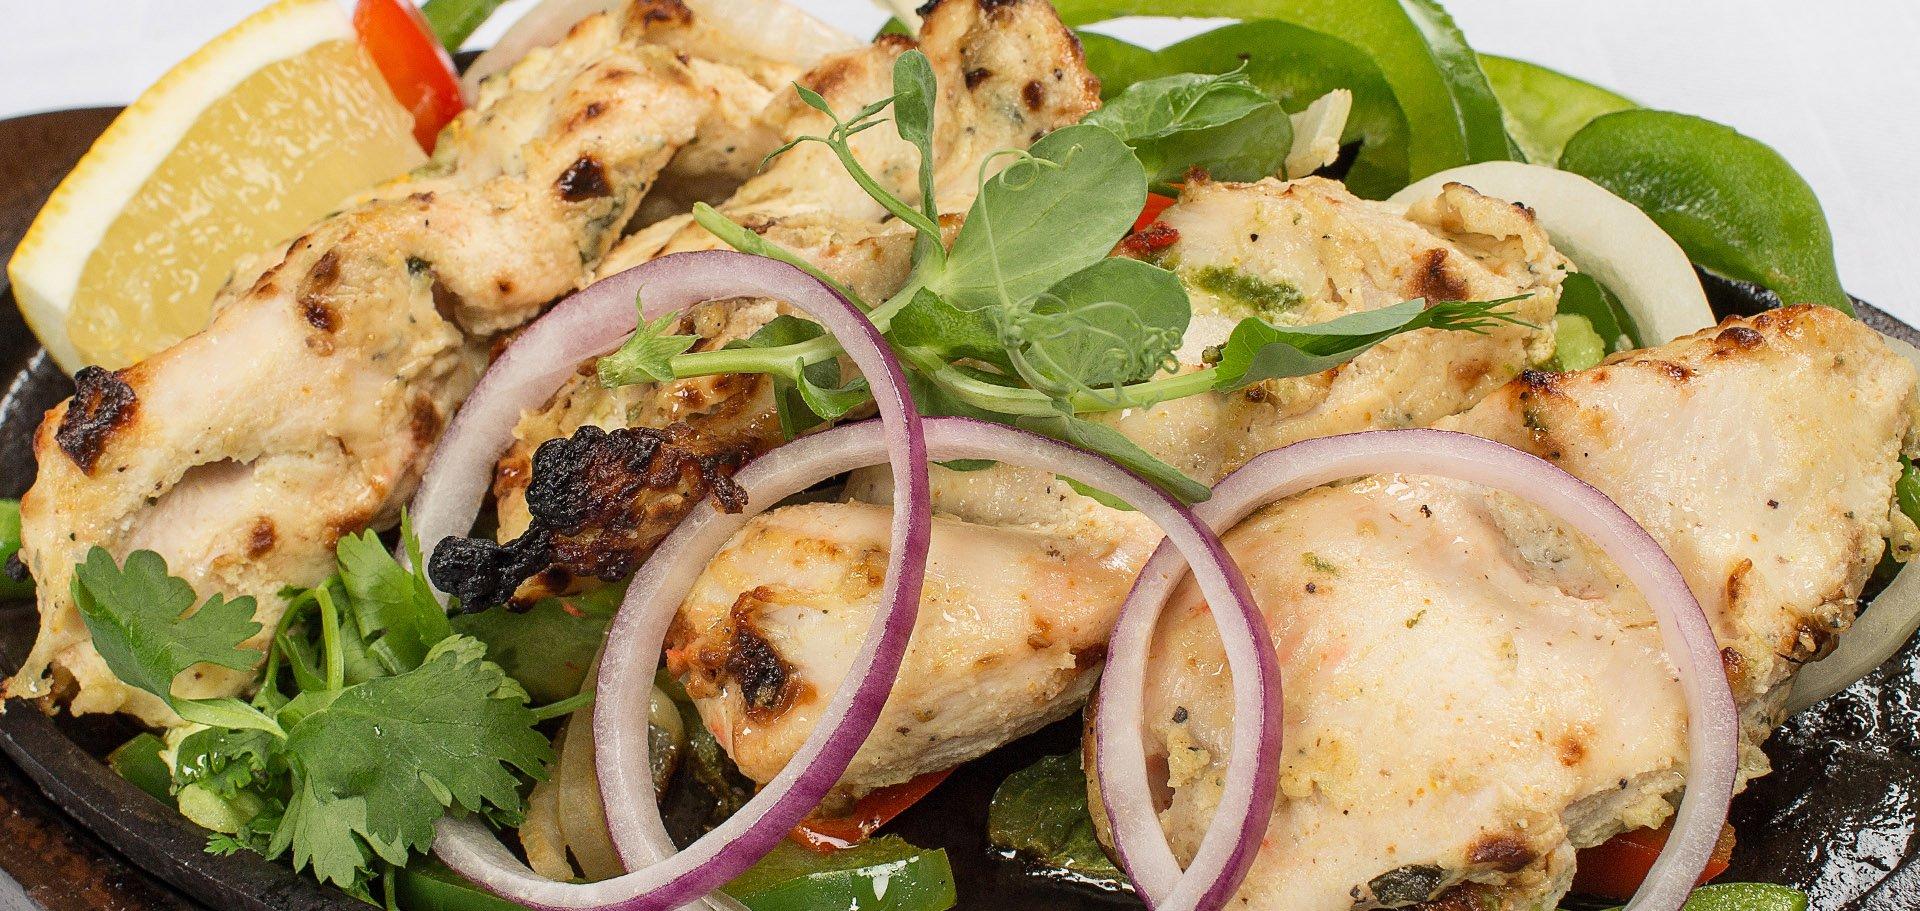 Indian and European Cuisine Houston | Amar Indian-European Cuisine